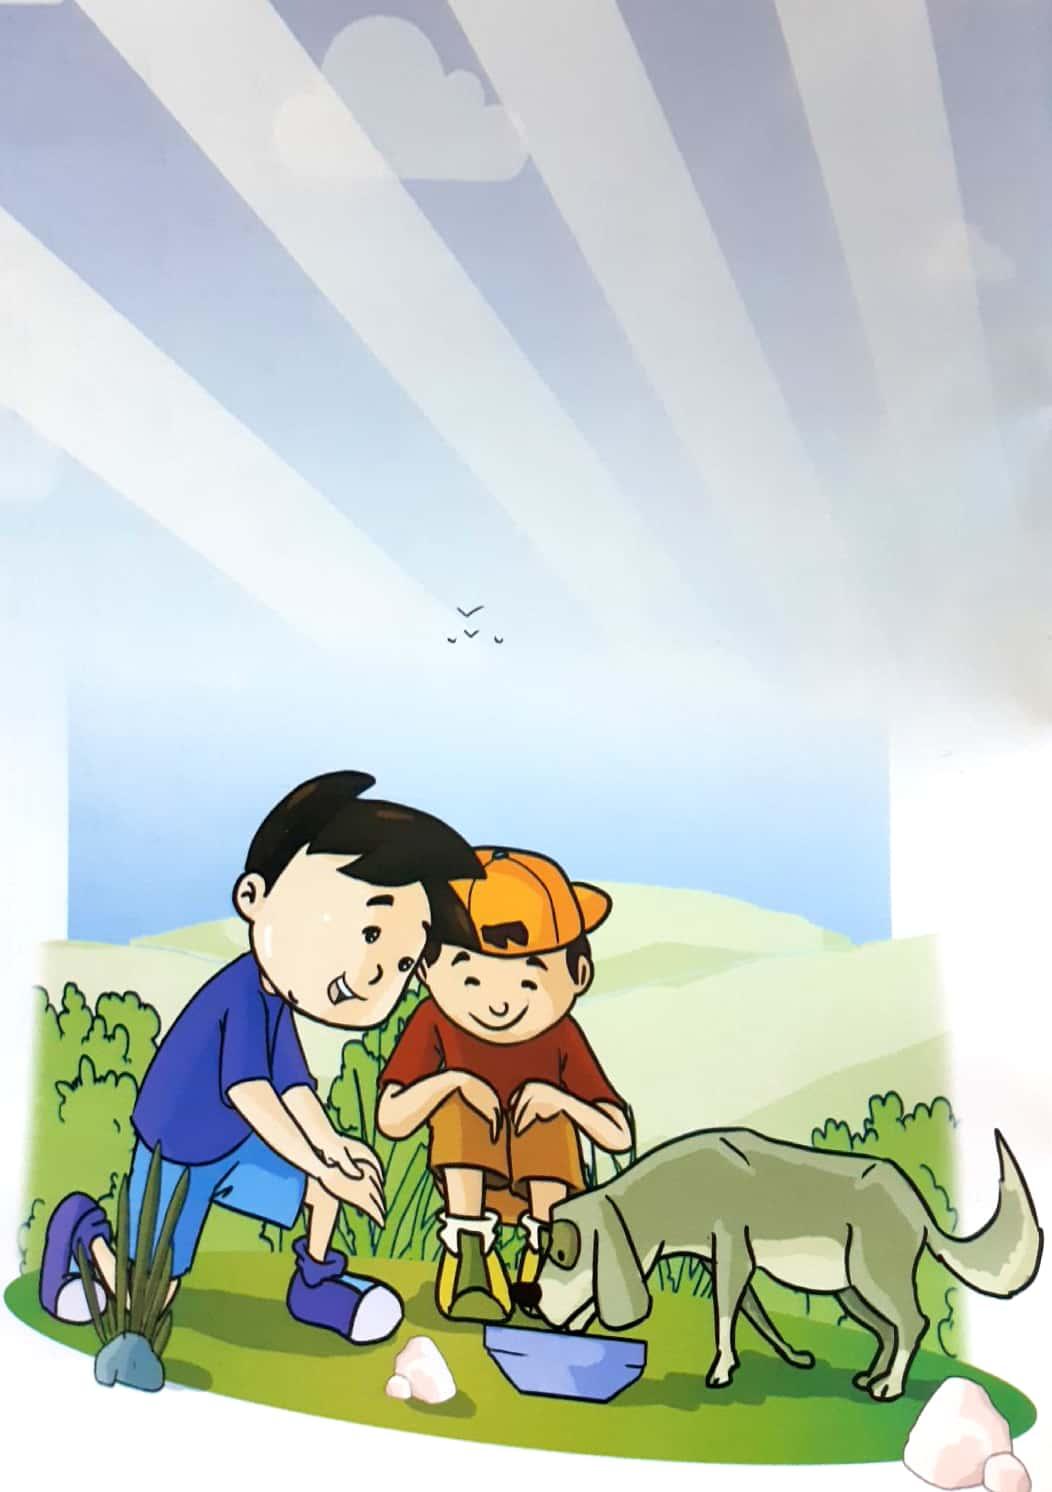 الرفق بالحيوان,بالحيوان,الرفق,الحيوان,قصة الرفق بالحيوان,العوضي,الرفق بالحيوانات,رفق بالحيوان,رمضان,الرفق بالحيوان واجب,ارفقو بالحيوانات,رفق بالحيوانات,اطفال الرفق بالحيوان,الرفق بالحيوان اطفال,الرفق بالحيوان كرتون,الله,الجنة,العناية بالحيوانات